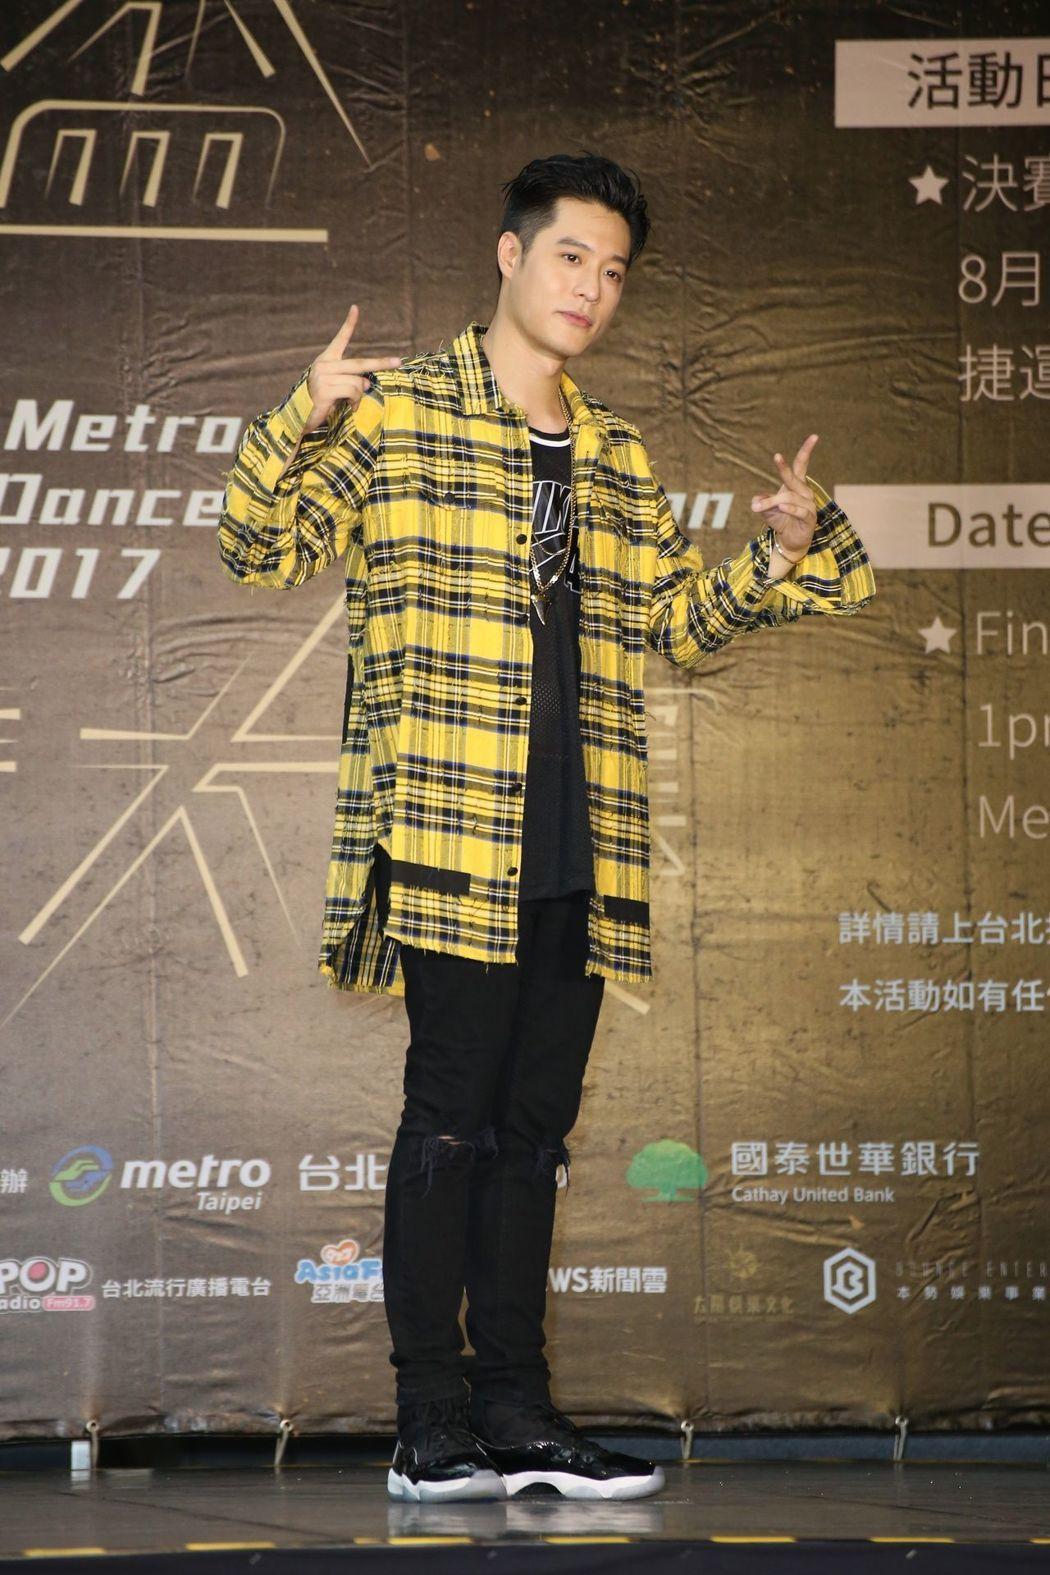 周湯豪唱跳《TRUN UP》,擔任2017捷運盃街舞大賽大使。記者陳立凱/攝影